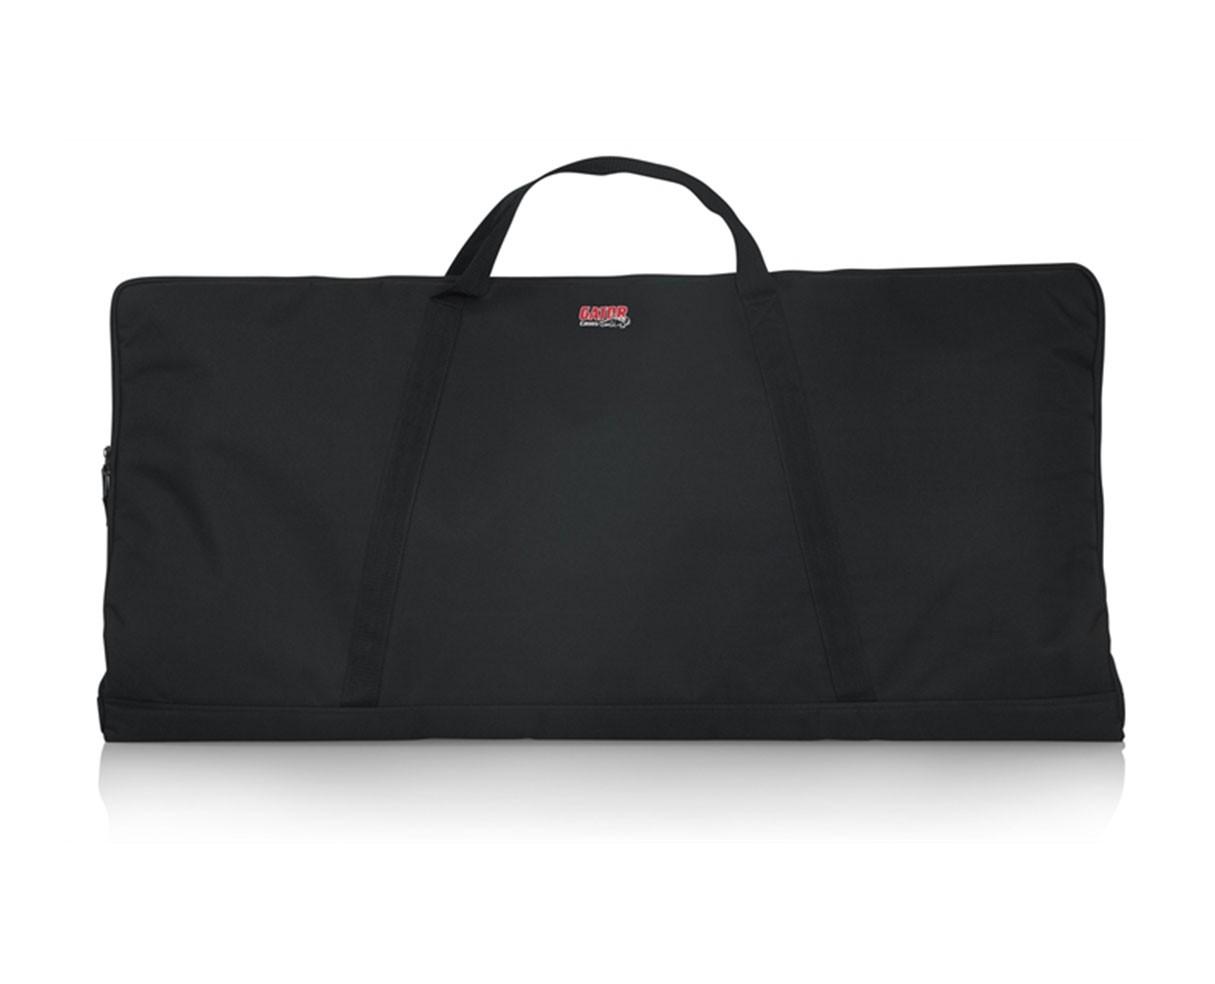 Gator GKBE61 Economy Keyboard Bag